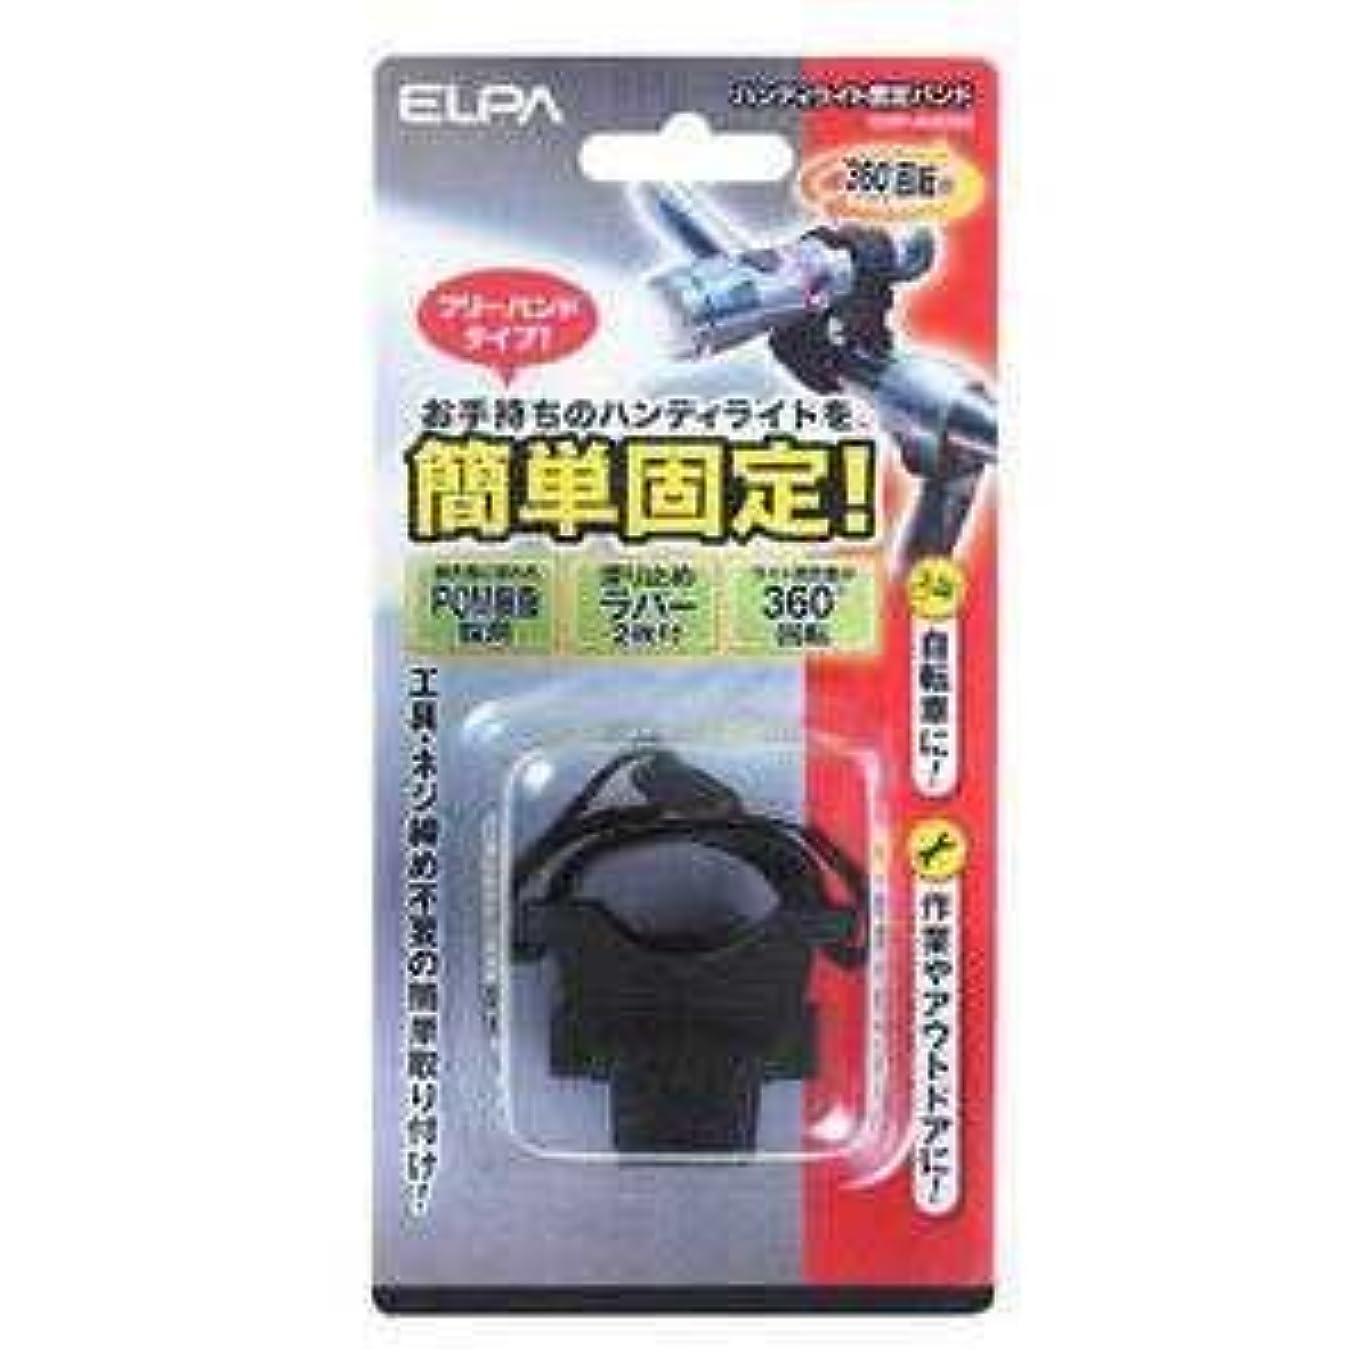 誘う問い合わせる暗記する(まとめ買い) ELPA ハンディライト固定用バンド DOP-AHO02 【×3】